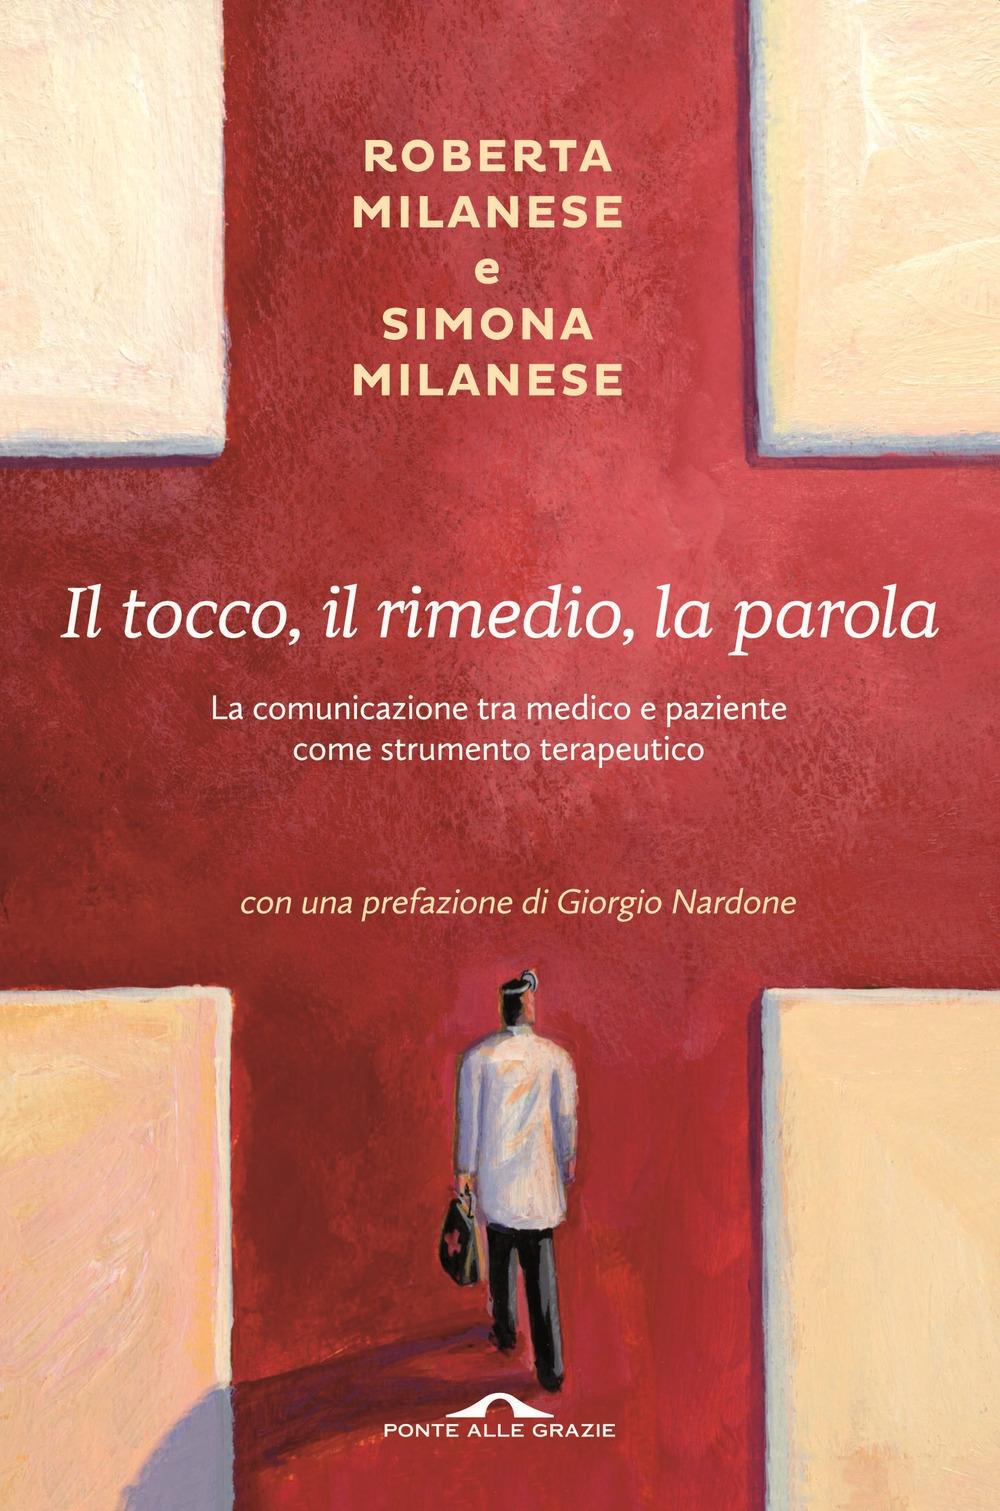 Il tocco, il rimedio, la parola. La comunicazione tra medico e paziente come strumento terapeutico.